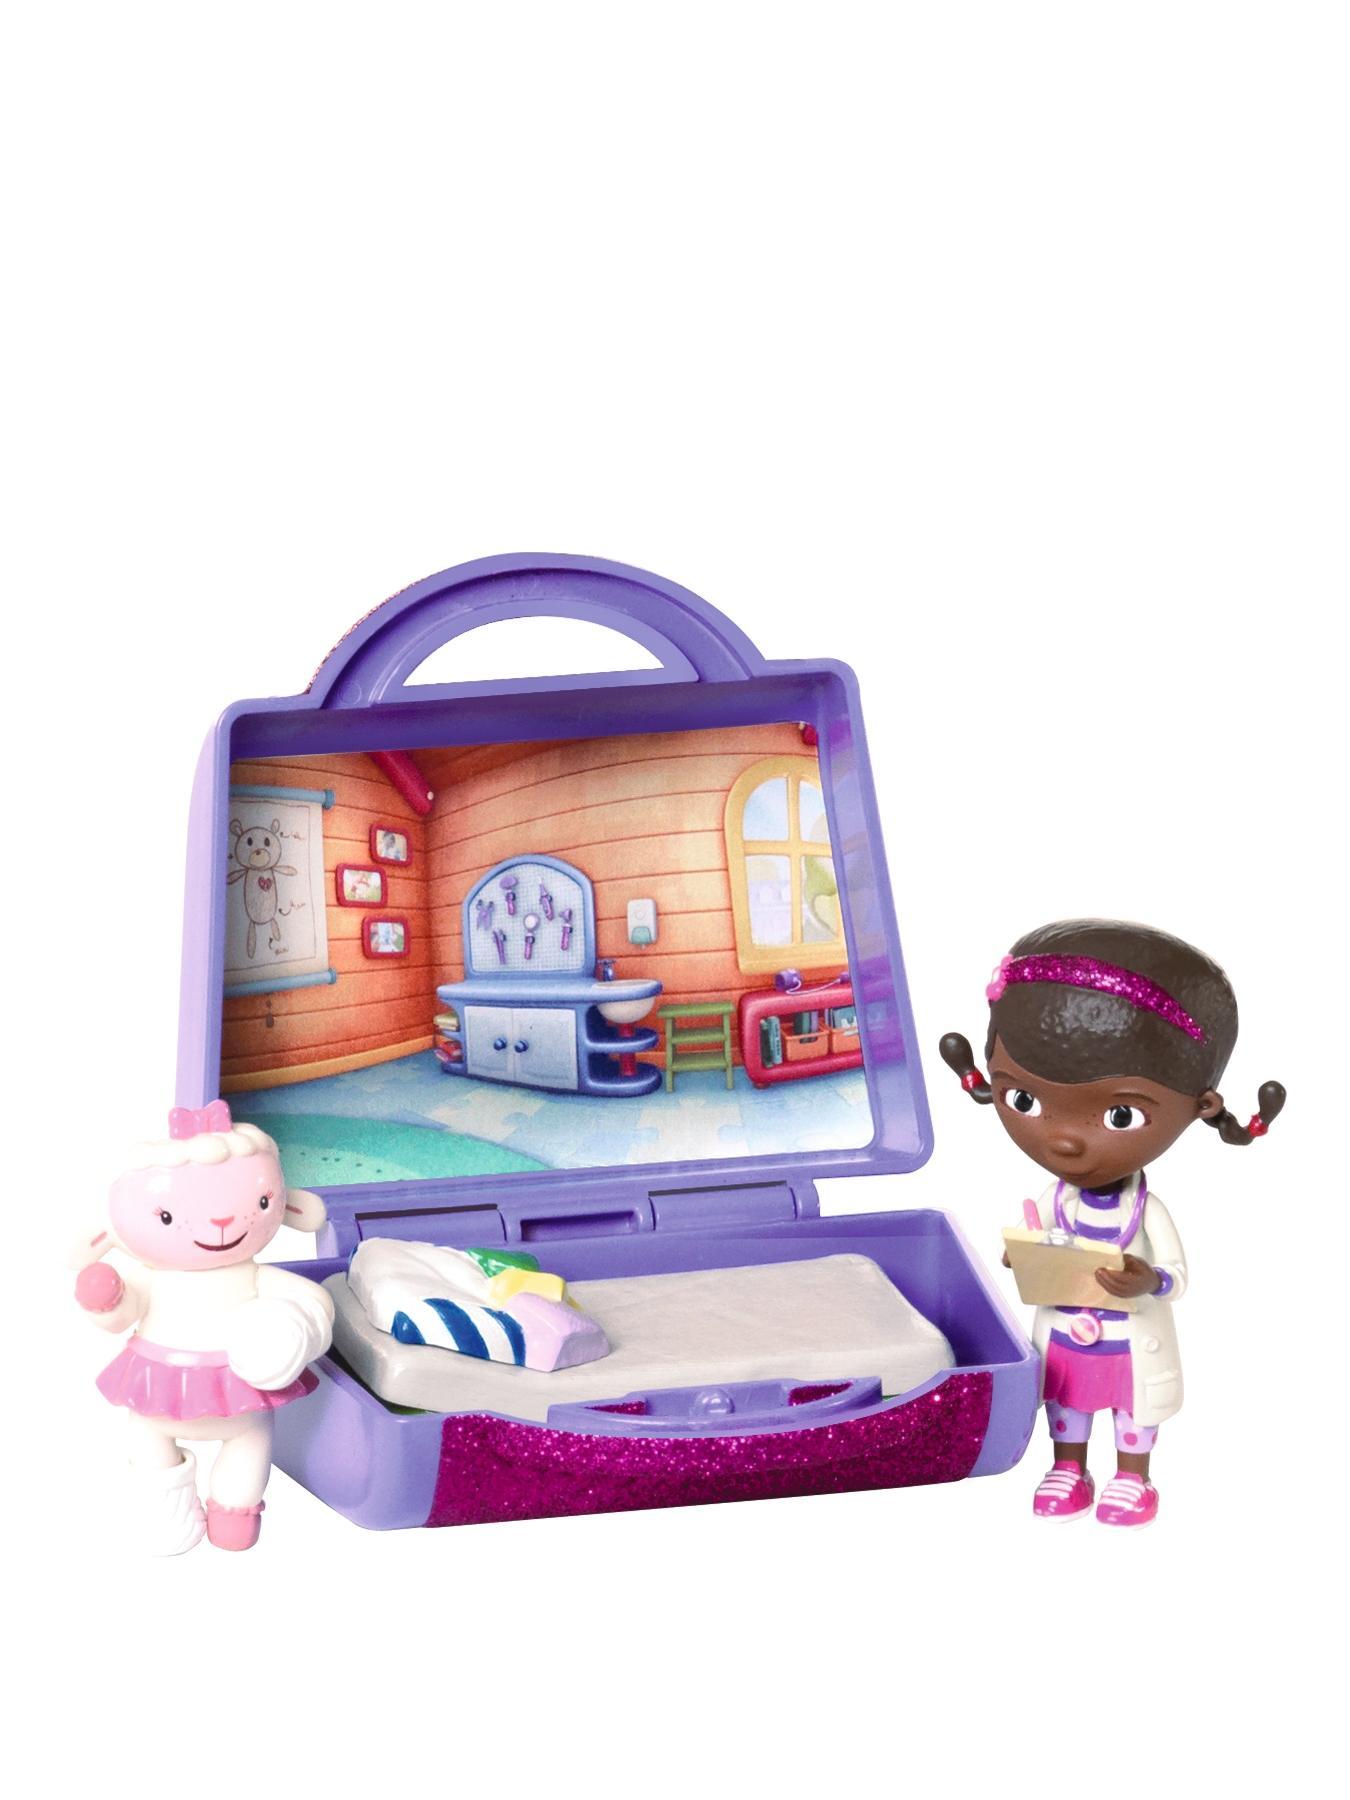 Doc McStuffins Little Case Playset